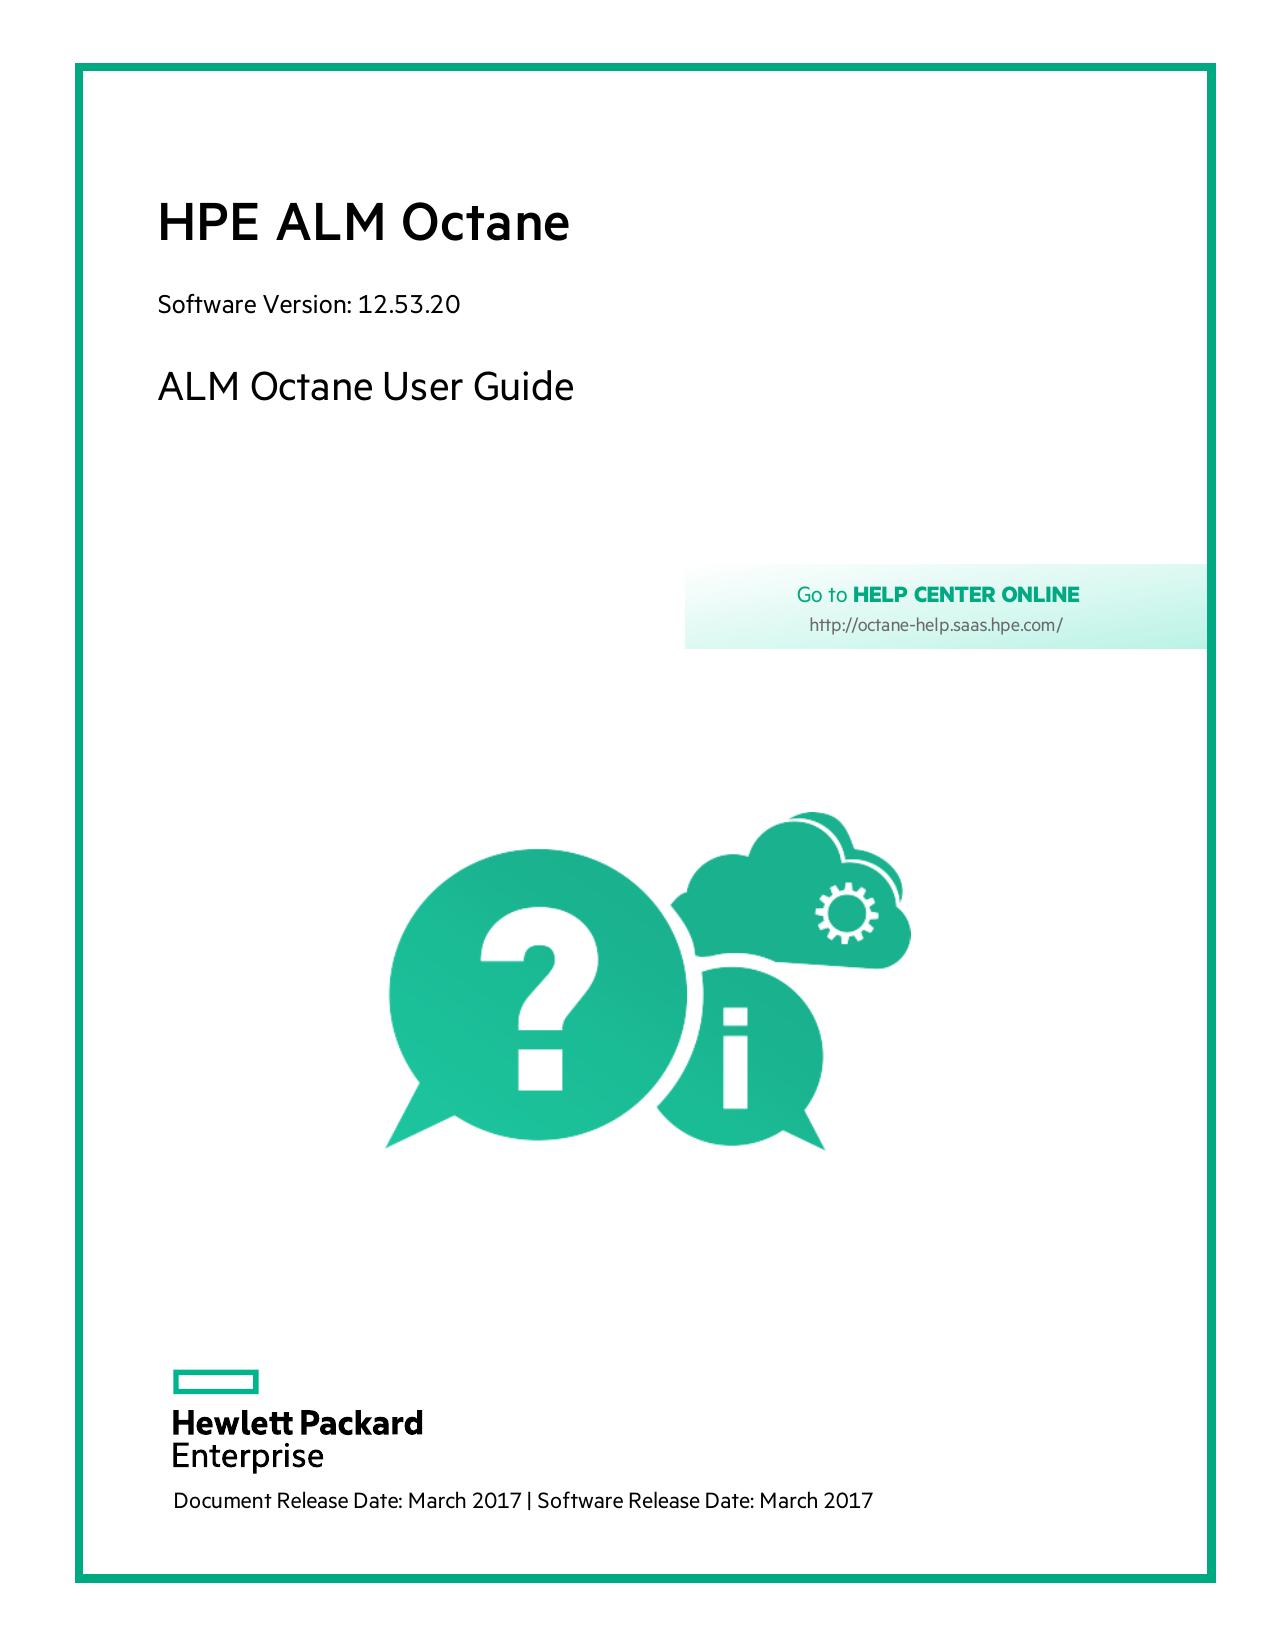 HPE ALM Octane User Guide - Octane Help Center | manualzz com